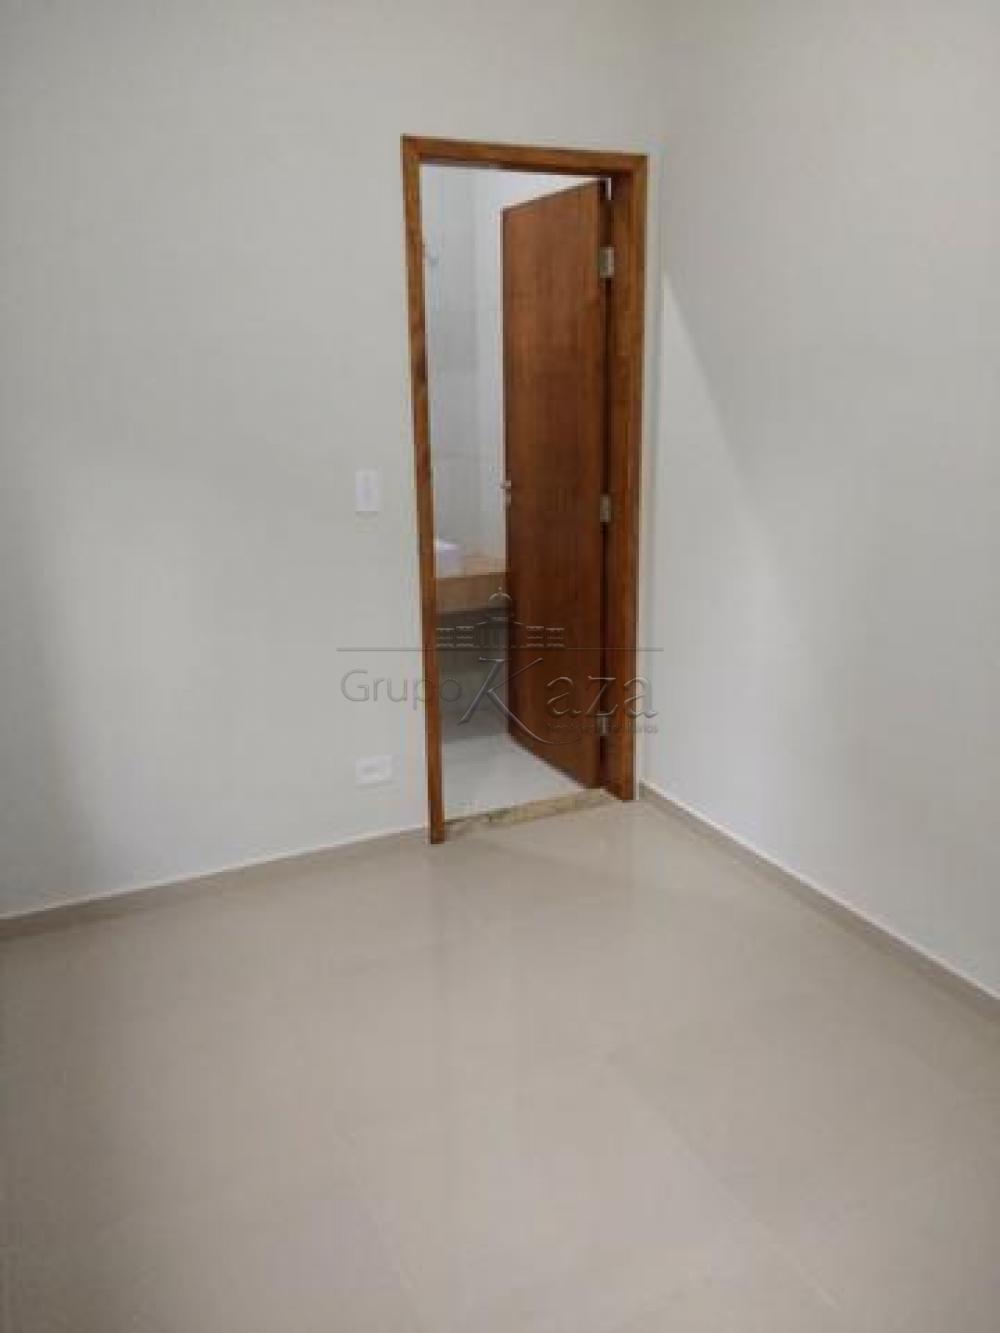 Comprar Casa / Padrão em São José dos Campos apenas R$ 307.400,00 - Foto 3